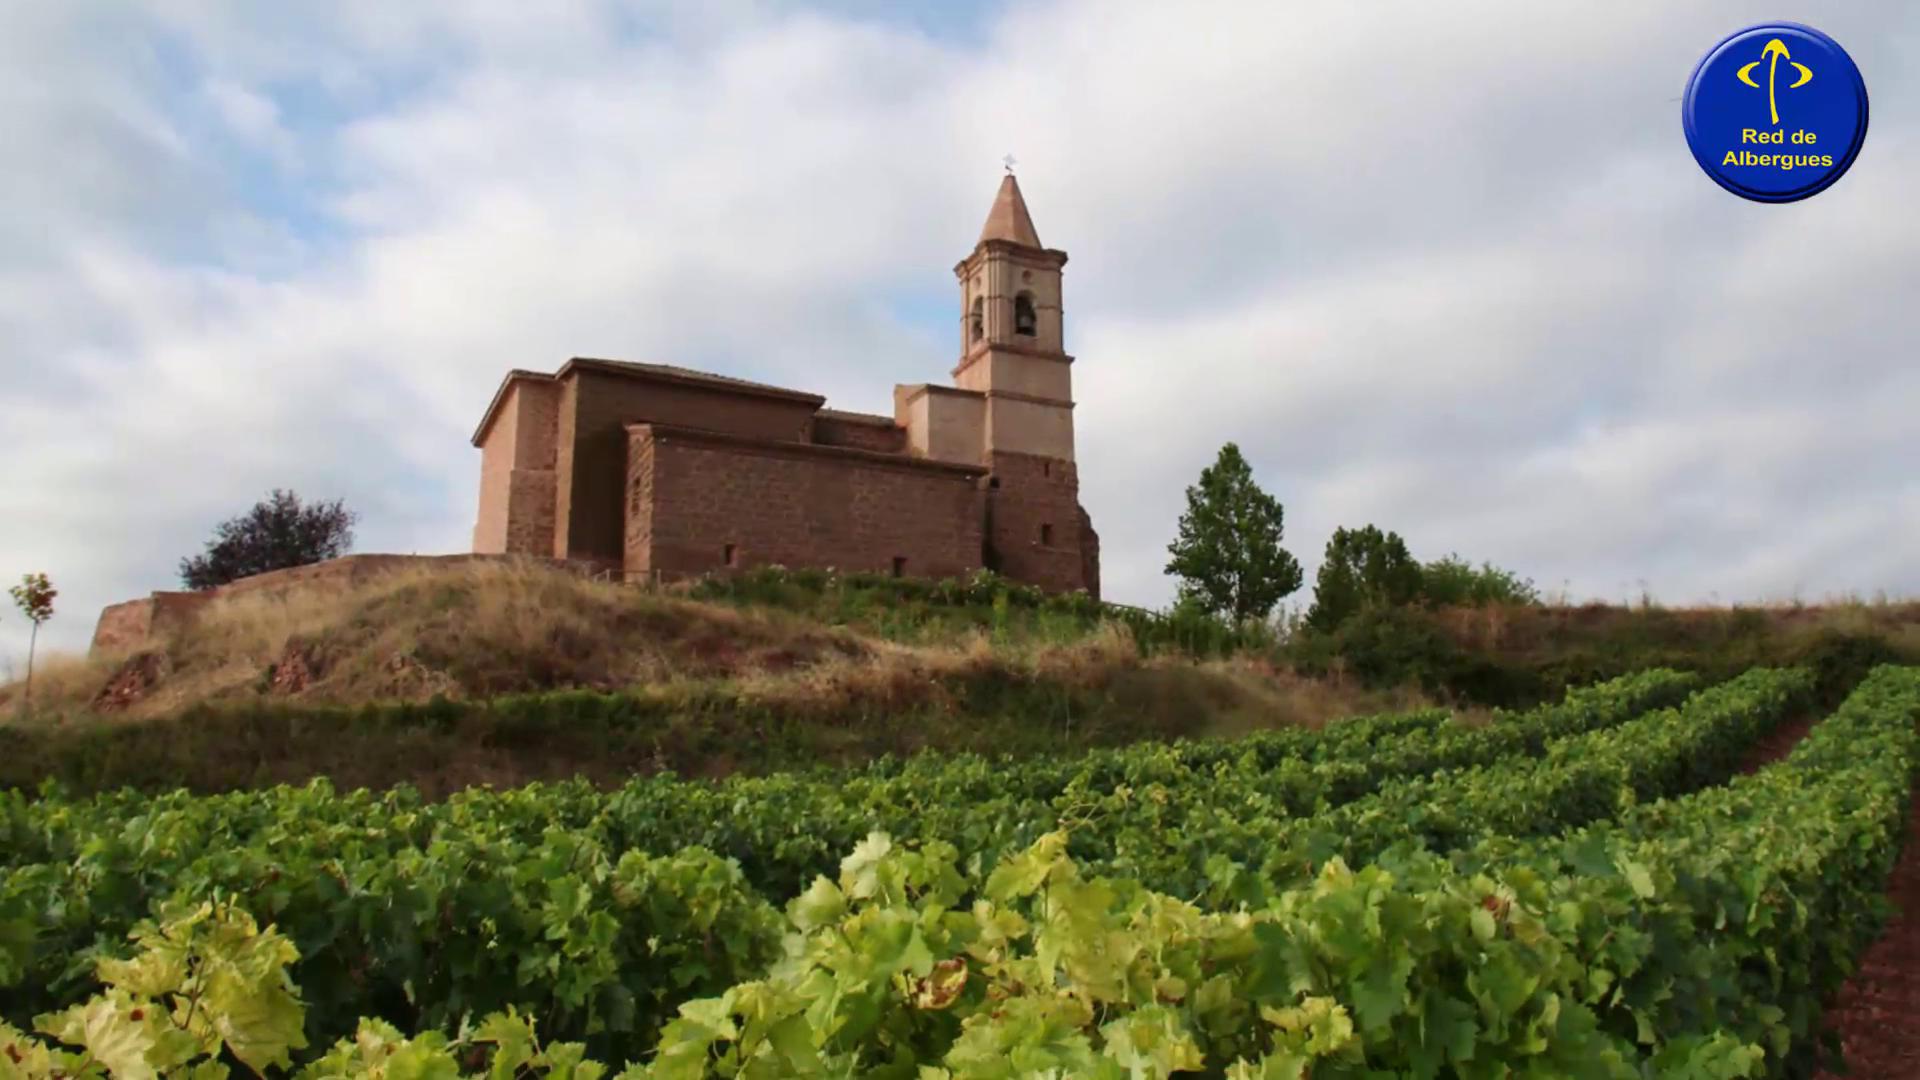 red de albergues promo de la Rioja